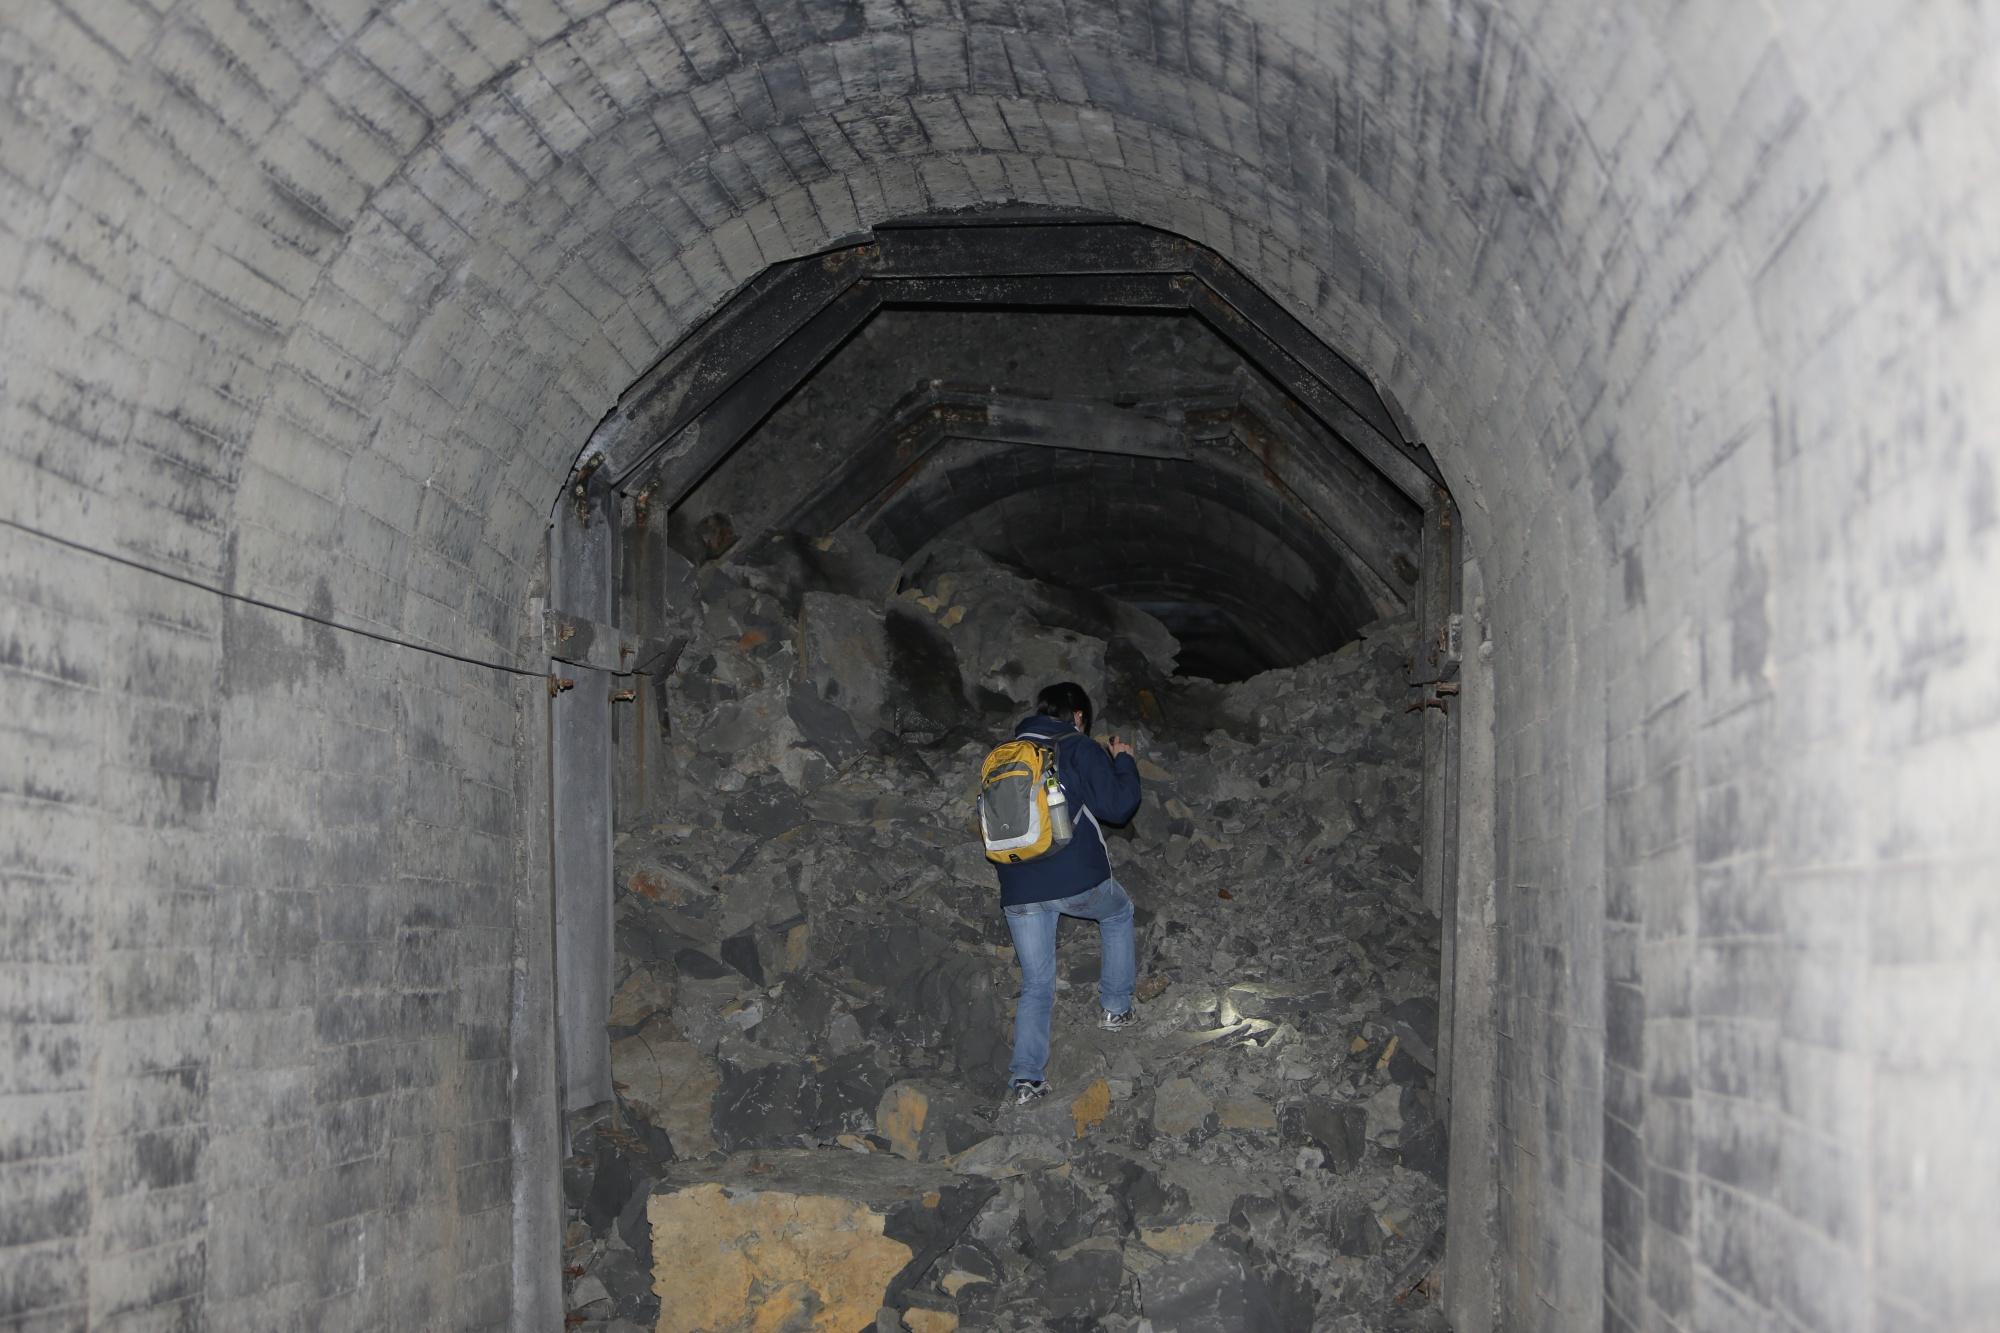 崩塌的冬眠洞穴無法繼續提供金黃鼠耳蝠使用,也難以維護